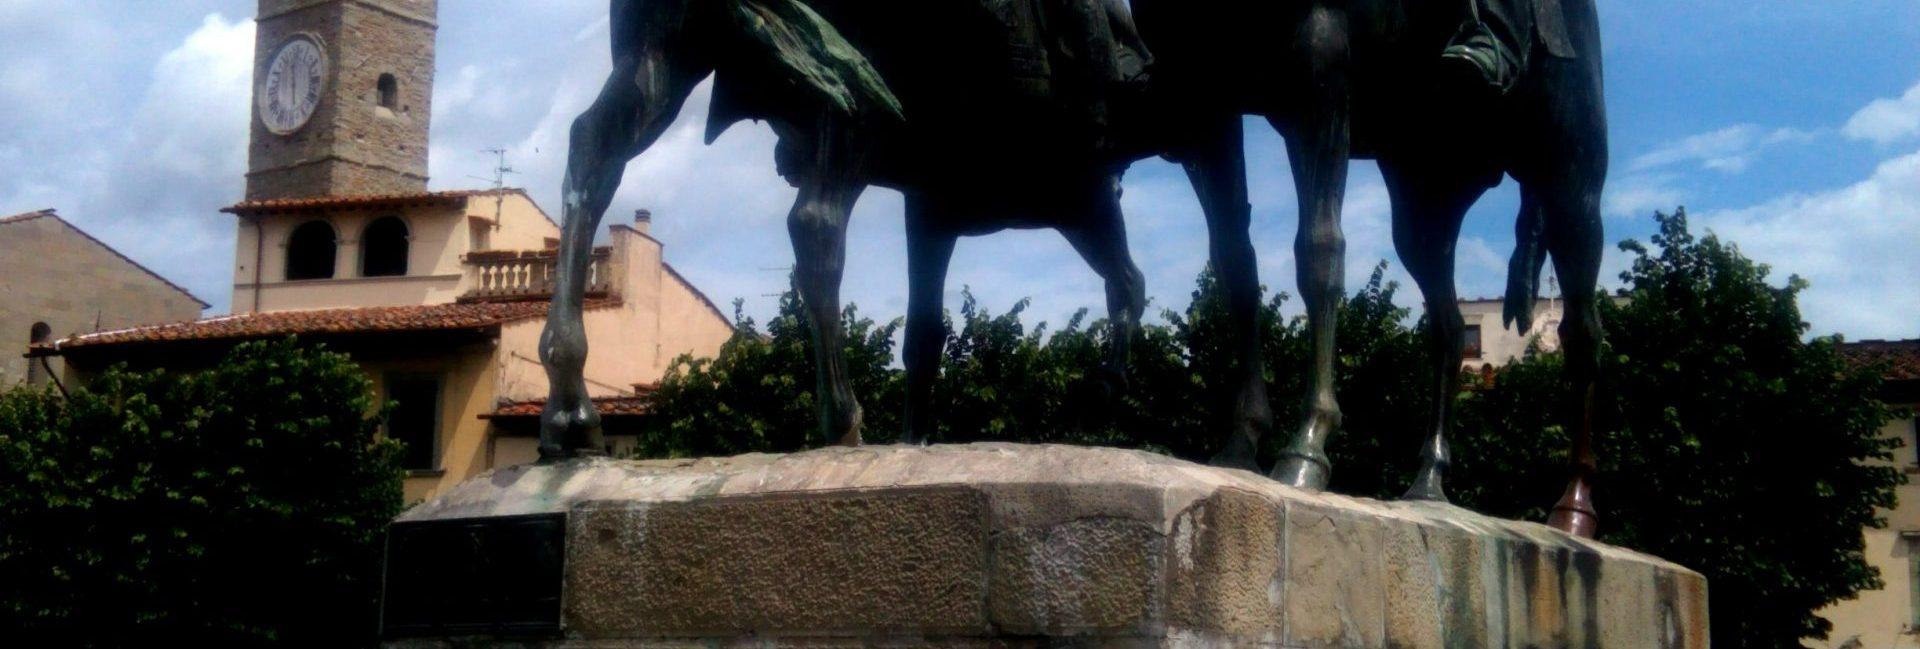 Fiesole - monumento dell'incontro a Teano